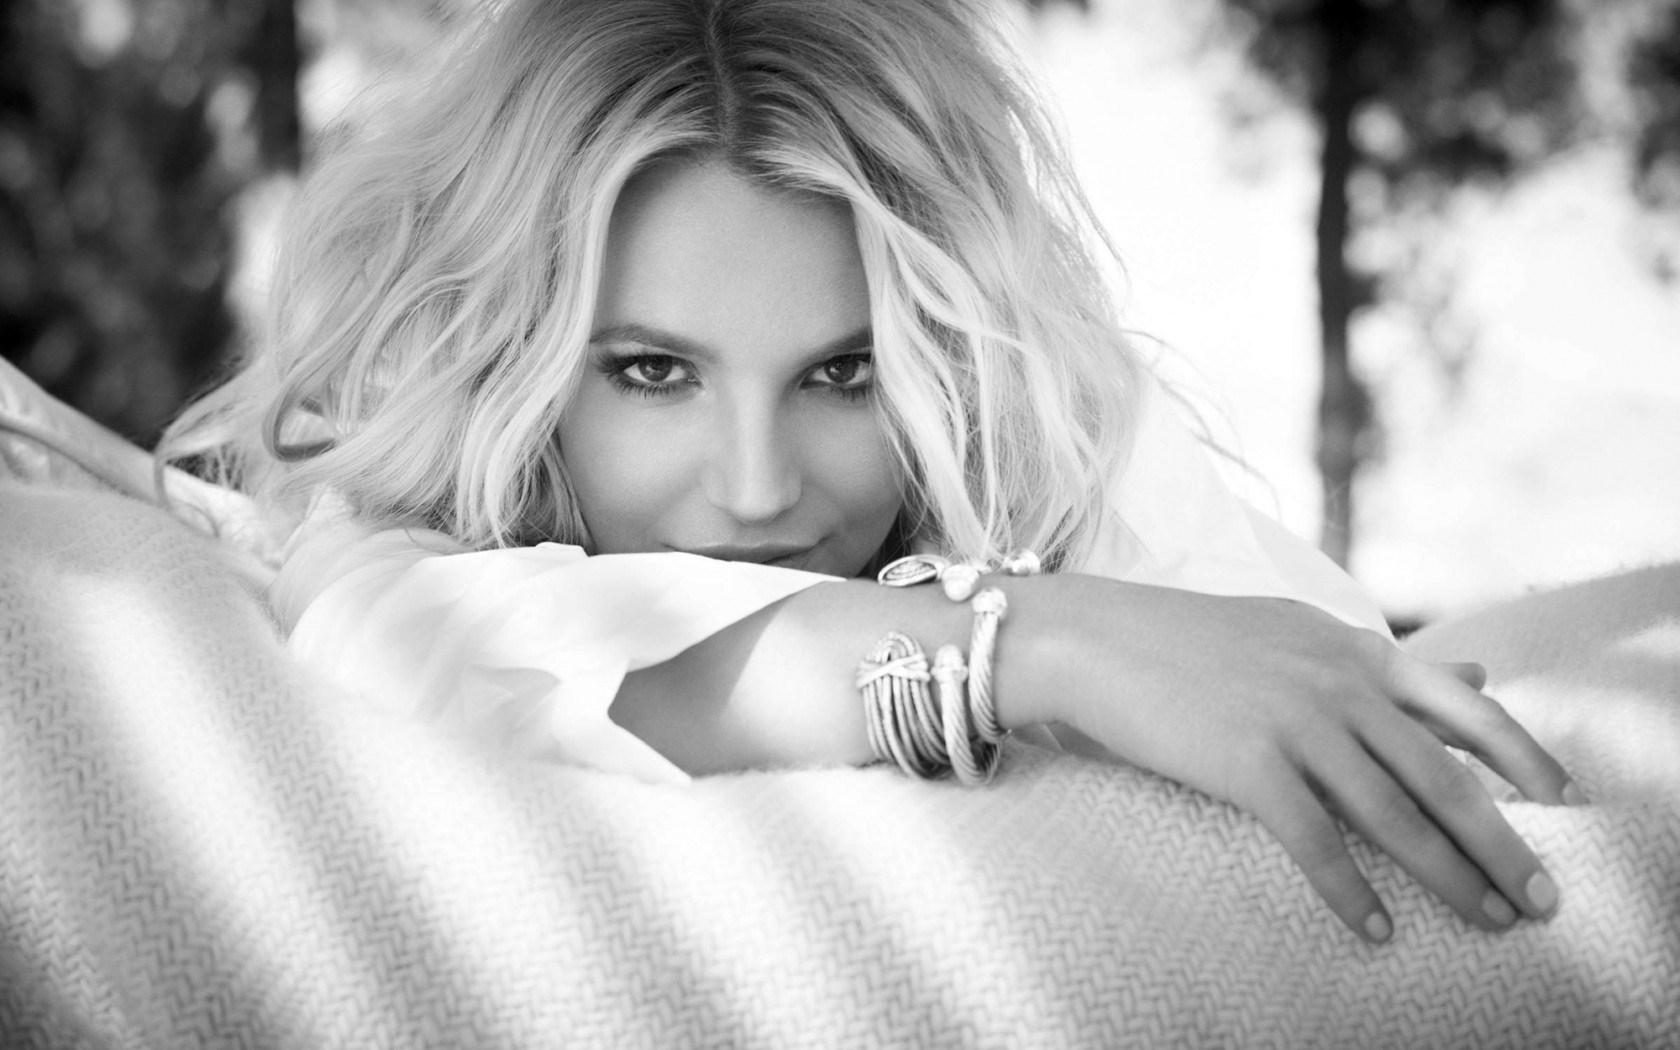 Britney Spears Singer Girl